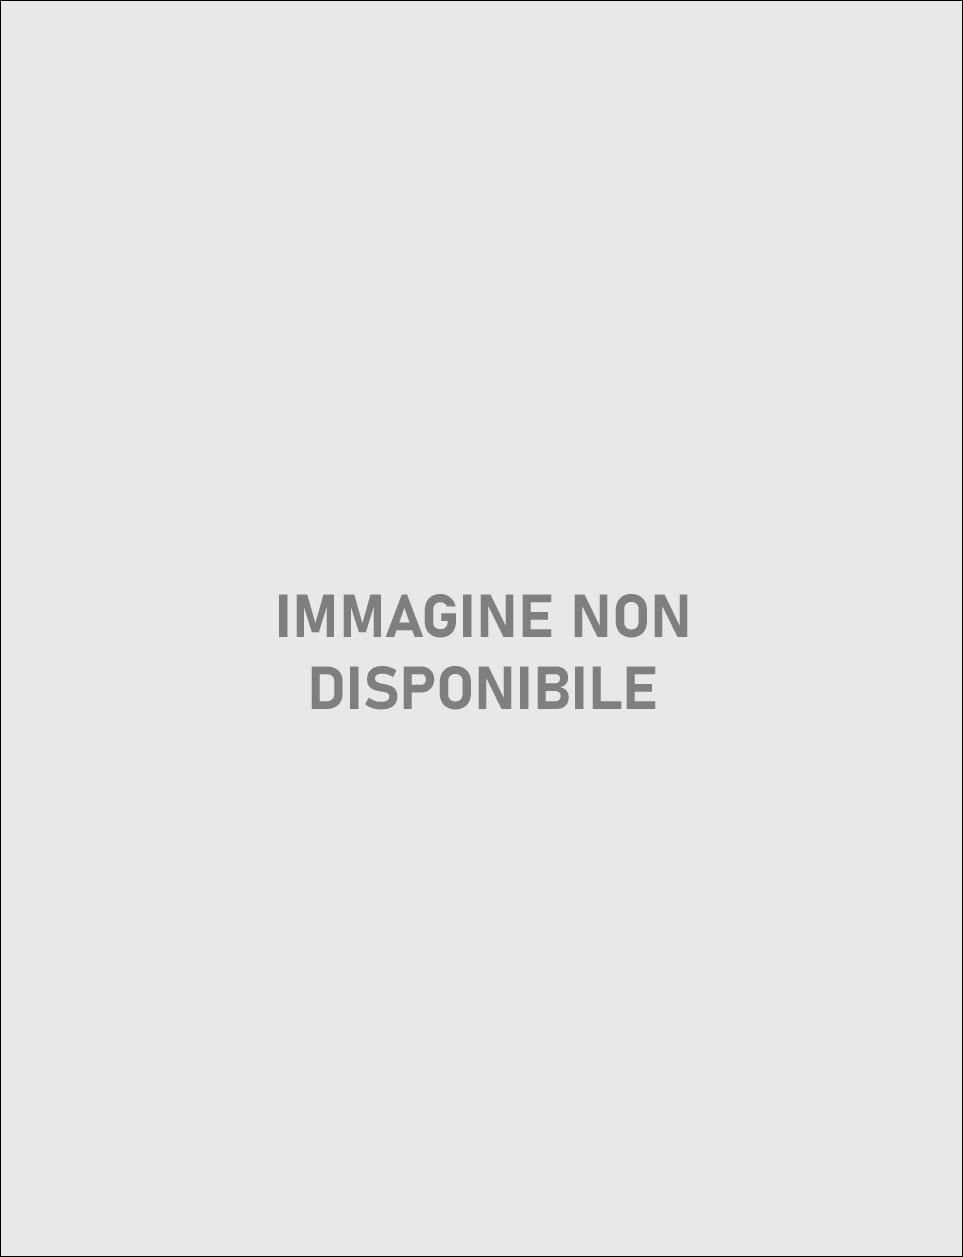 Vestito inverno nero